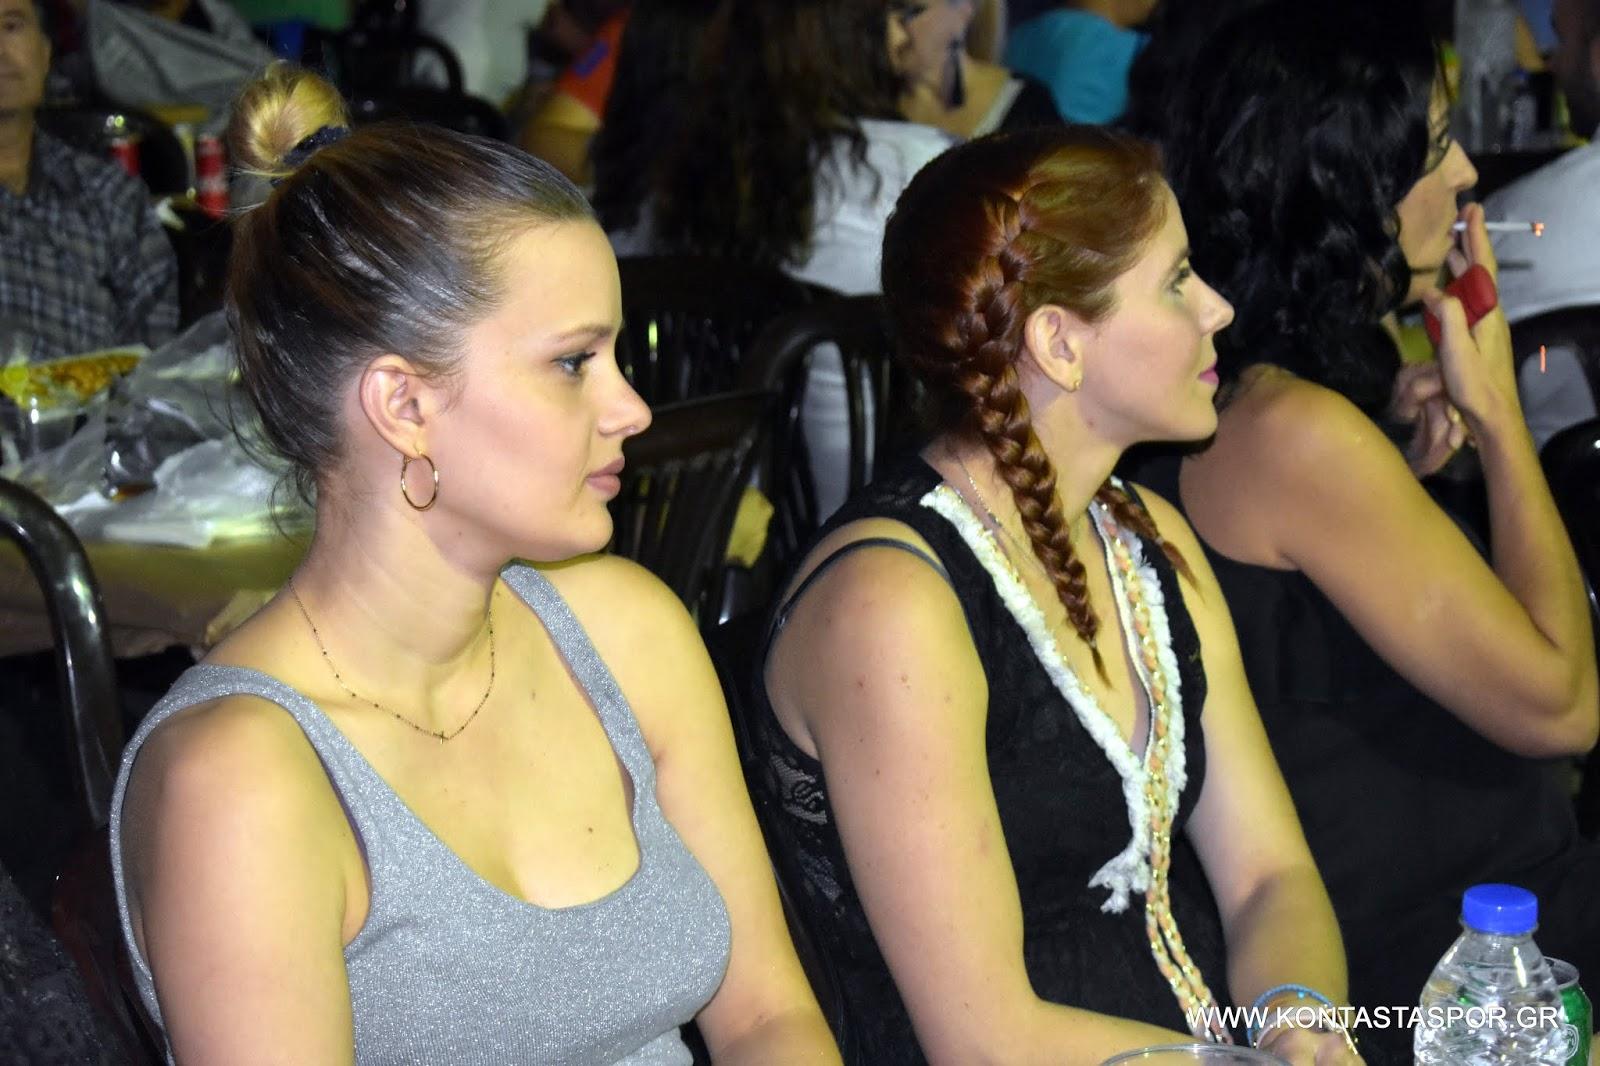 Με επιτυχία η λαική βραδιά  Αδαμαντίδη στα Ψαχνά (φωτογραφίες) 1 DSC 0129